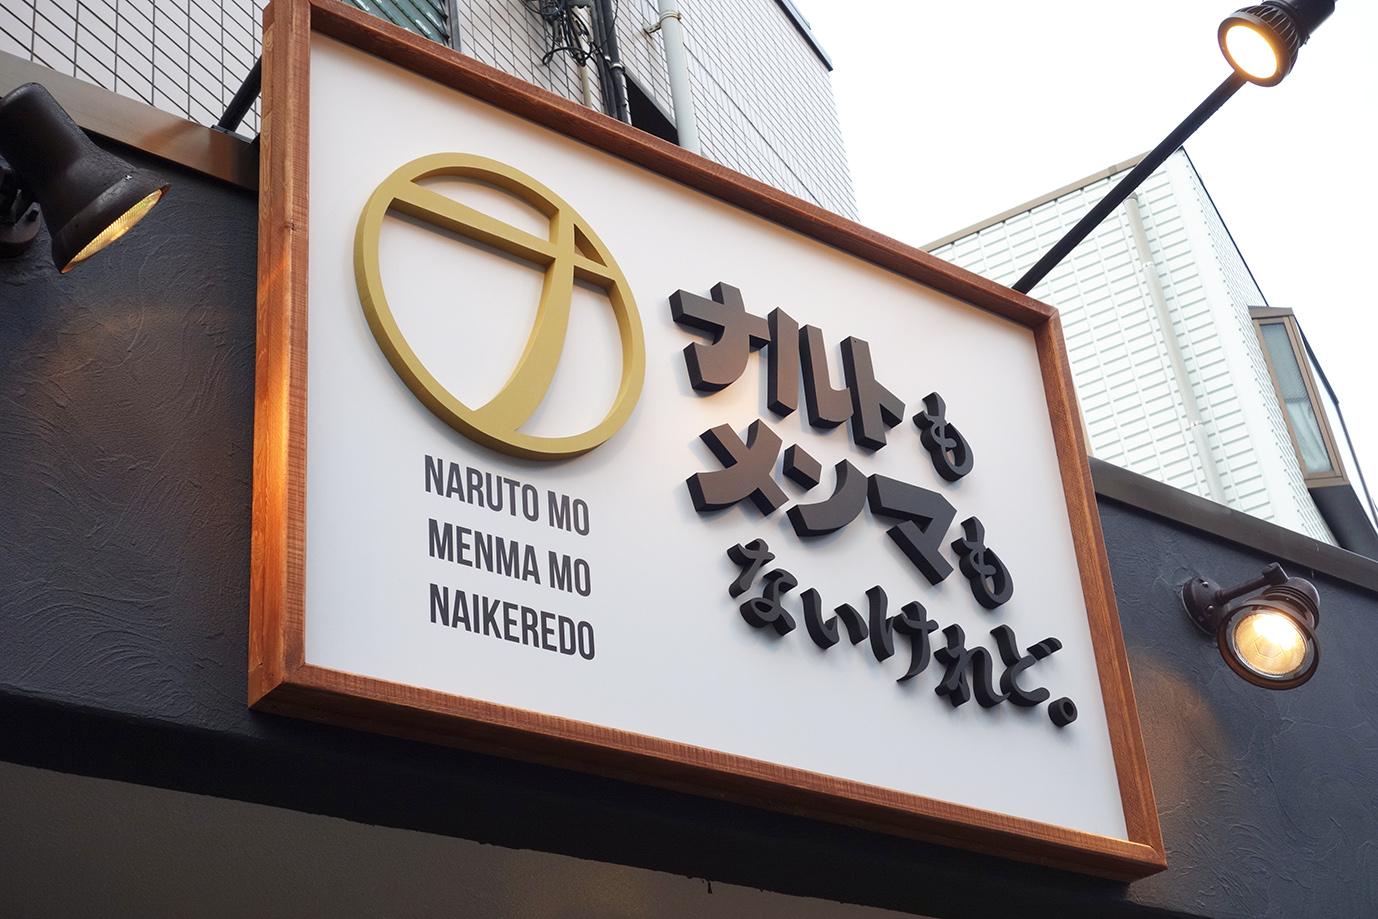 湘南台のガッツリステーキのお店